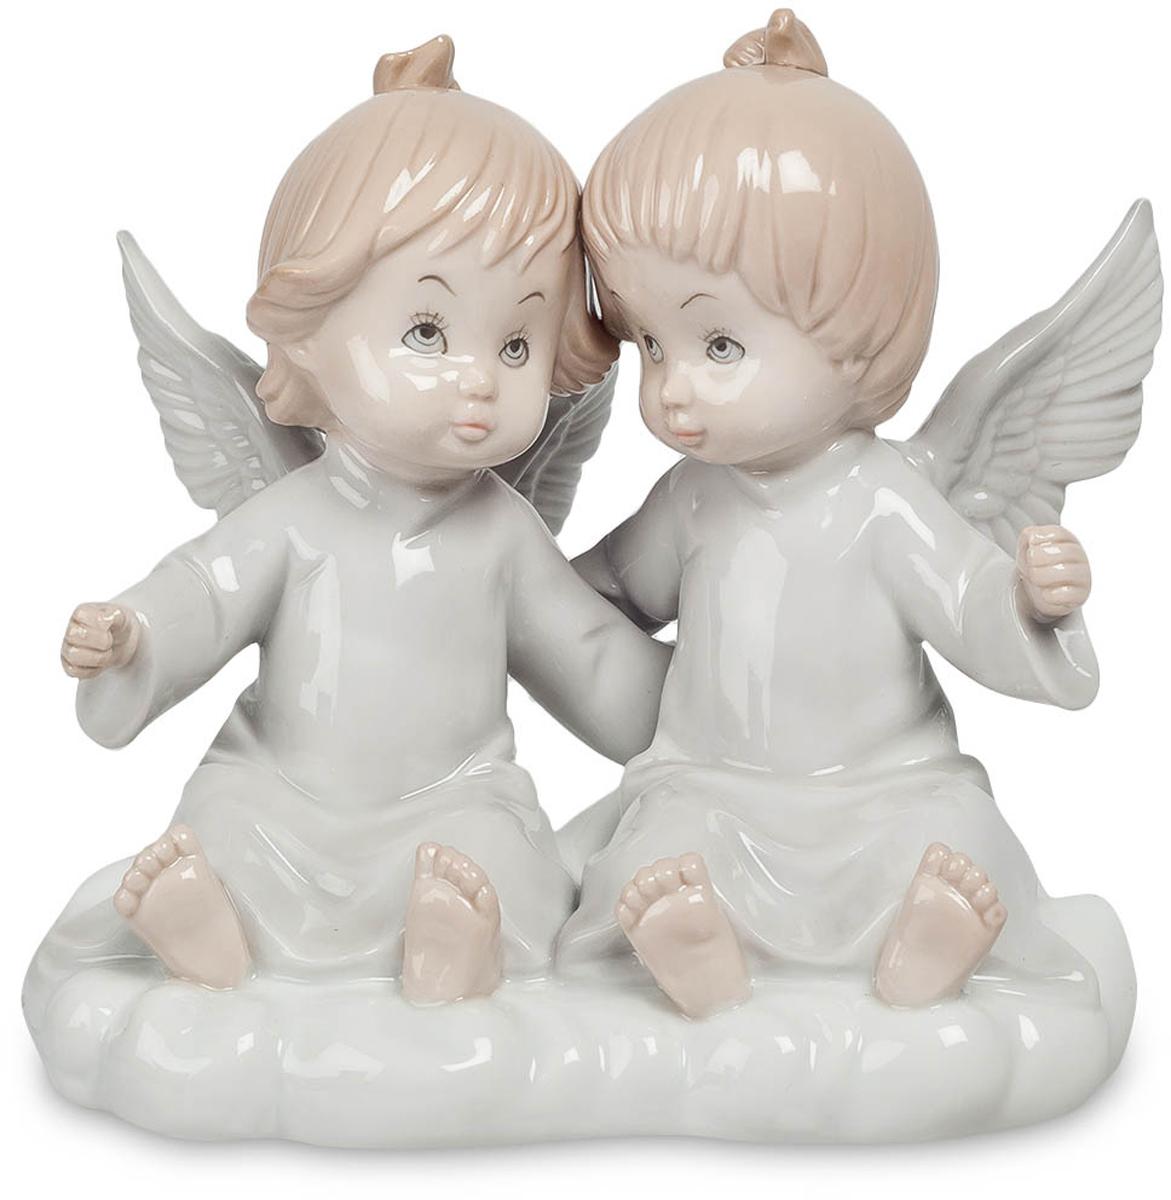 Фигурка Pavone Парочка ангелов. JP-05/12FS-80299Фигурка Ангелочков высотой 14 см.Нет никого ближе друг другу, чем близнецы. Их связь настолько сильна, что её не в силах разорвать ни расстояние, ни время, ничто.На протяжении всех времён близость друг другу близнецов была уникальна и неповторима. Они всегда были, есть и будут знаменем силы, верности. Связь между ними так прочна, что её невозможно разорвать. Фигурка Парочка ангелов станет великолепным и милым подарком для близняшек и их ангелами-хранителями. Фигурка с двумя ангелочками не только красиво выглядит, но и всегда защитит ваших чад от бед и разочарований. Согласитесь, это немаловажно. Тёплые тона сделают детскую комнату ещё светлее и помогут статуэтке стать великолепным элементом интерьера.